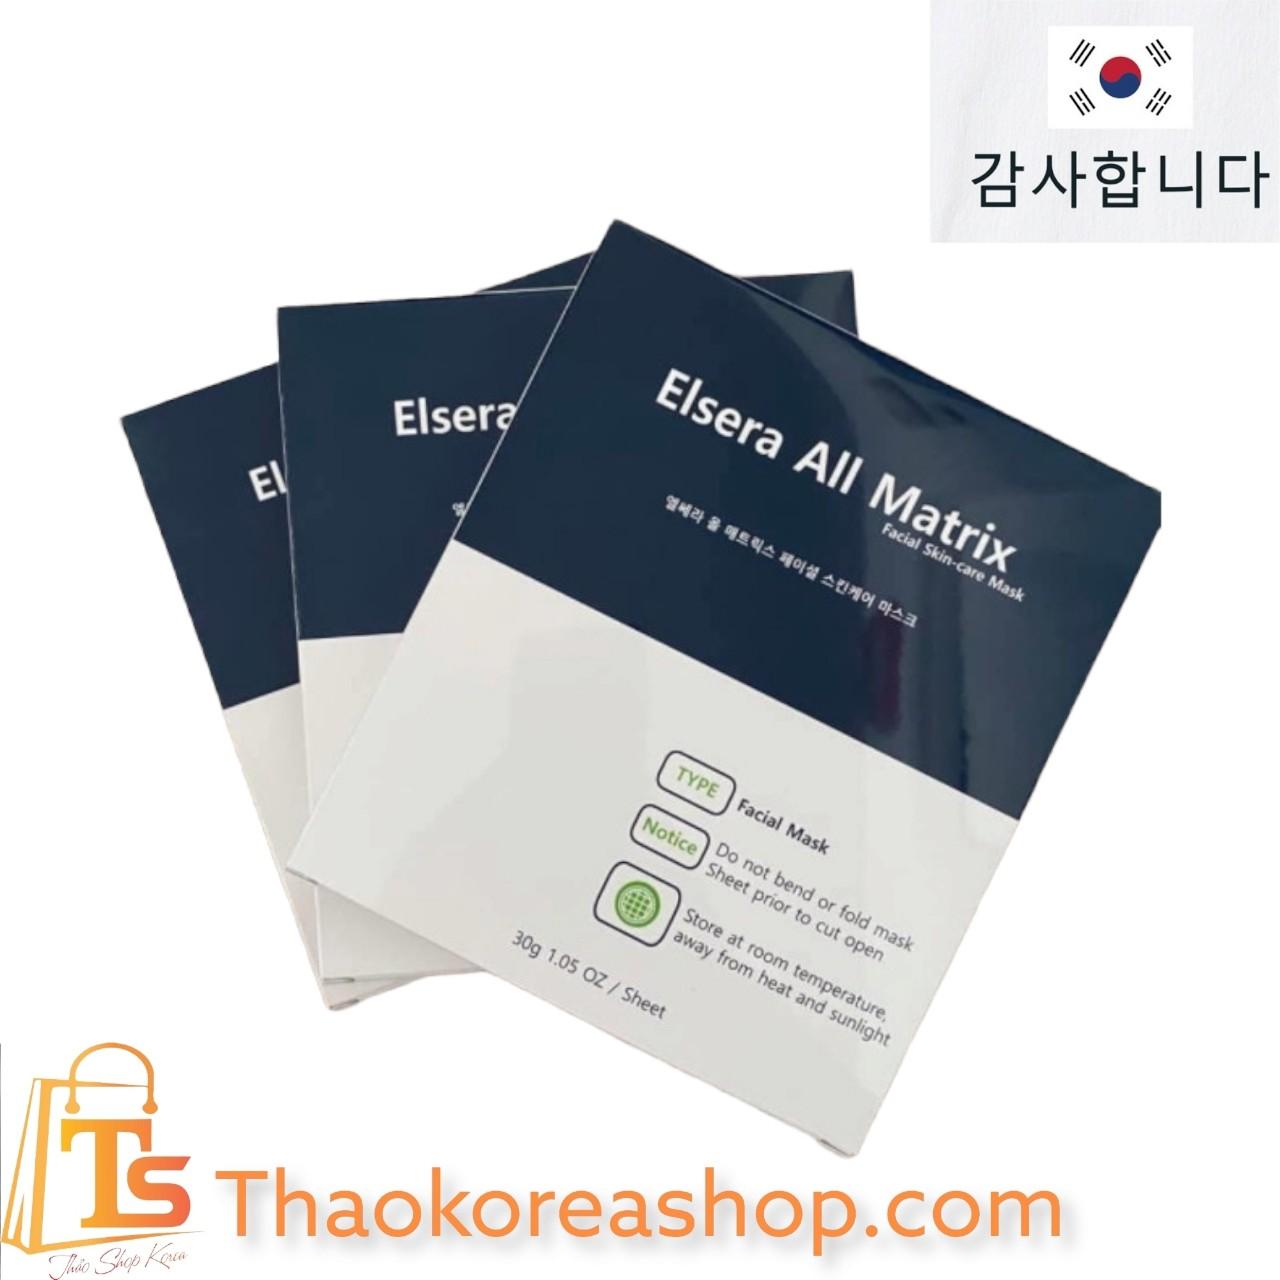 Mặt nạ thạch Elsera All Matrix Facial Dermall Care Mask dưỡng trắng, chống lão hóa 30g -8809310876372